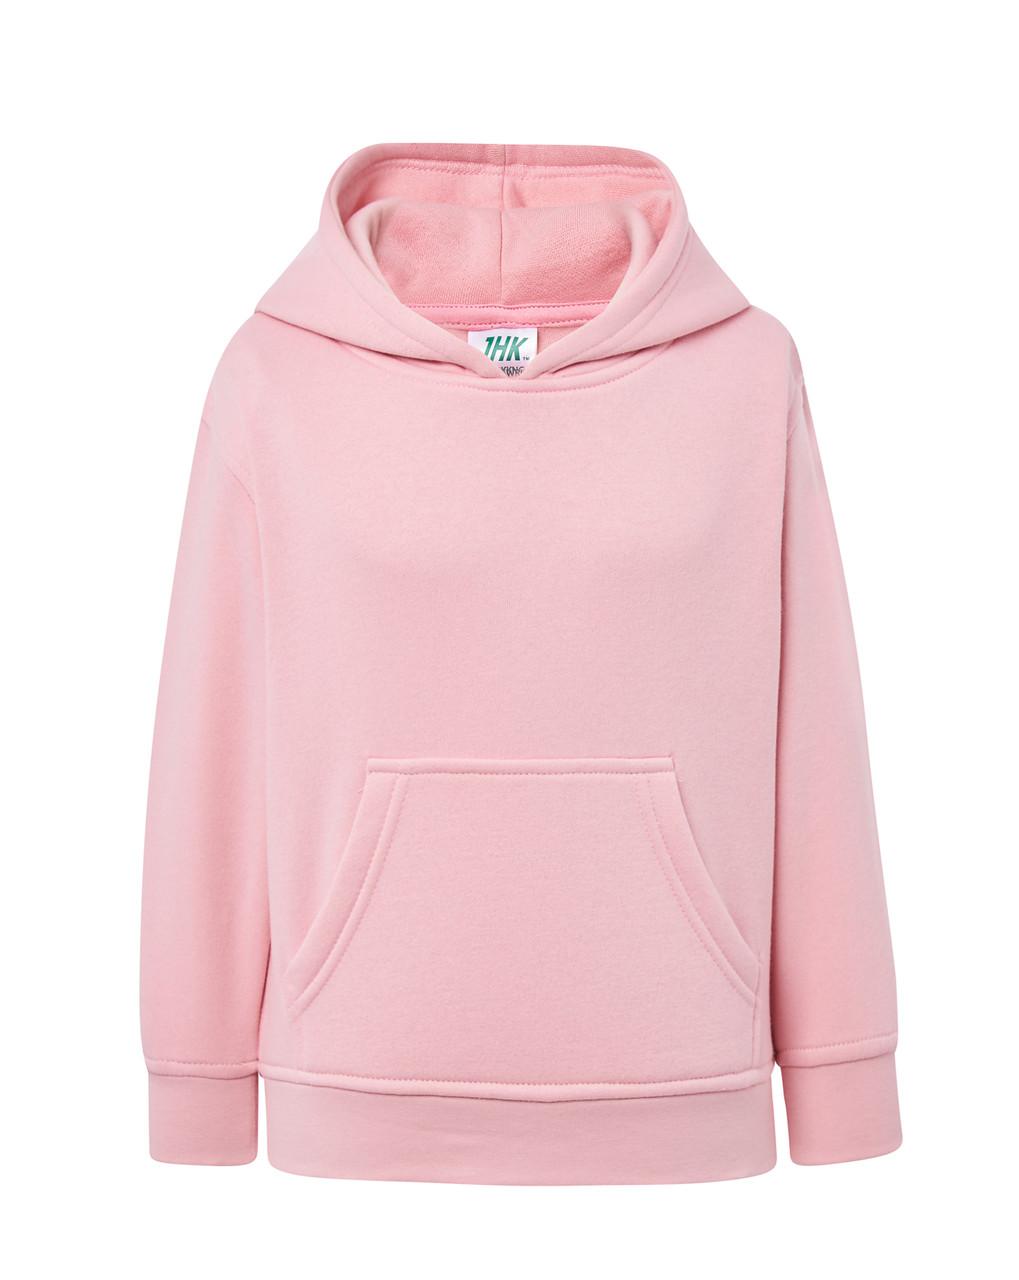 Детское худи JHK KID SWEATSHIRT KANGAROO цвет розовый (PK)